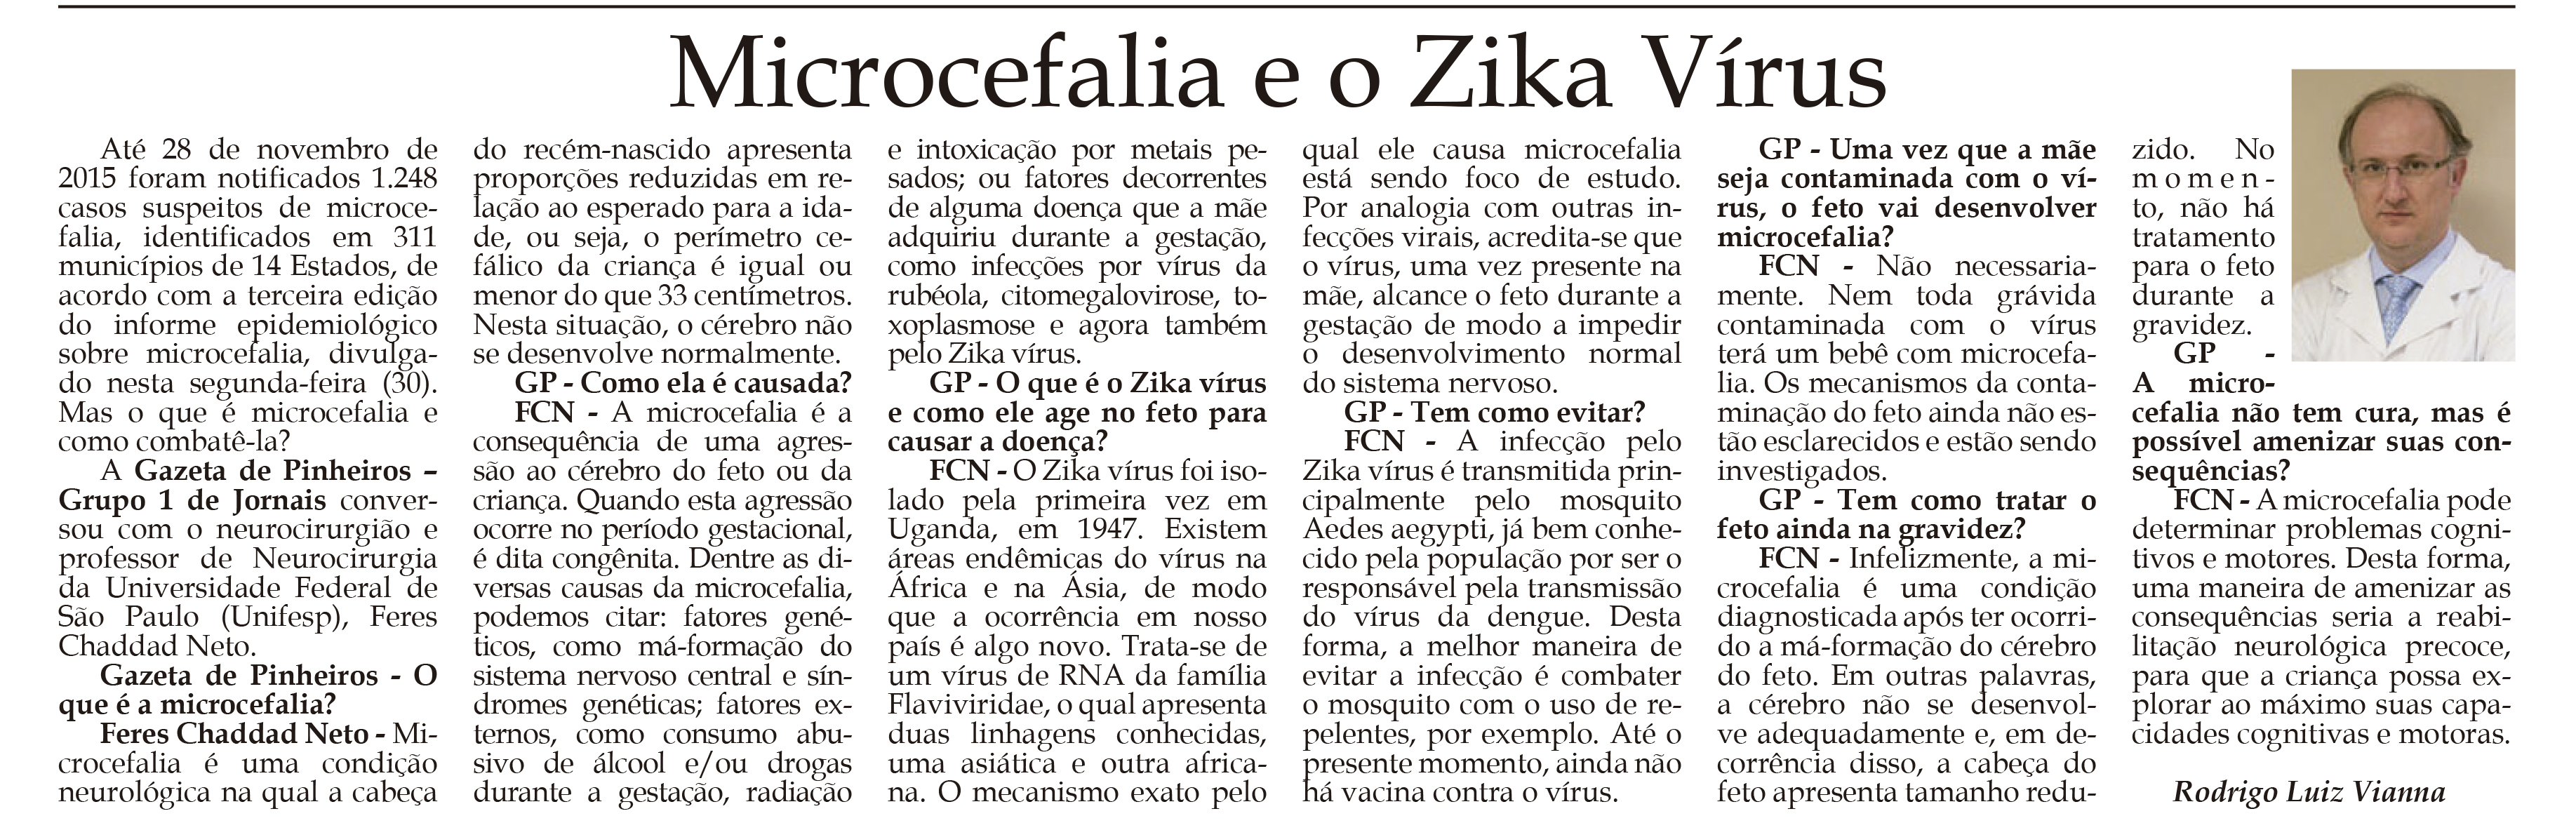 Gazeta de Pinheiros - 4 a 10/12